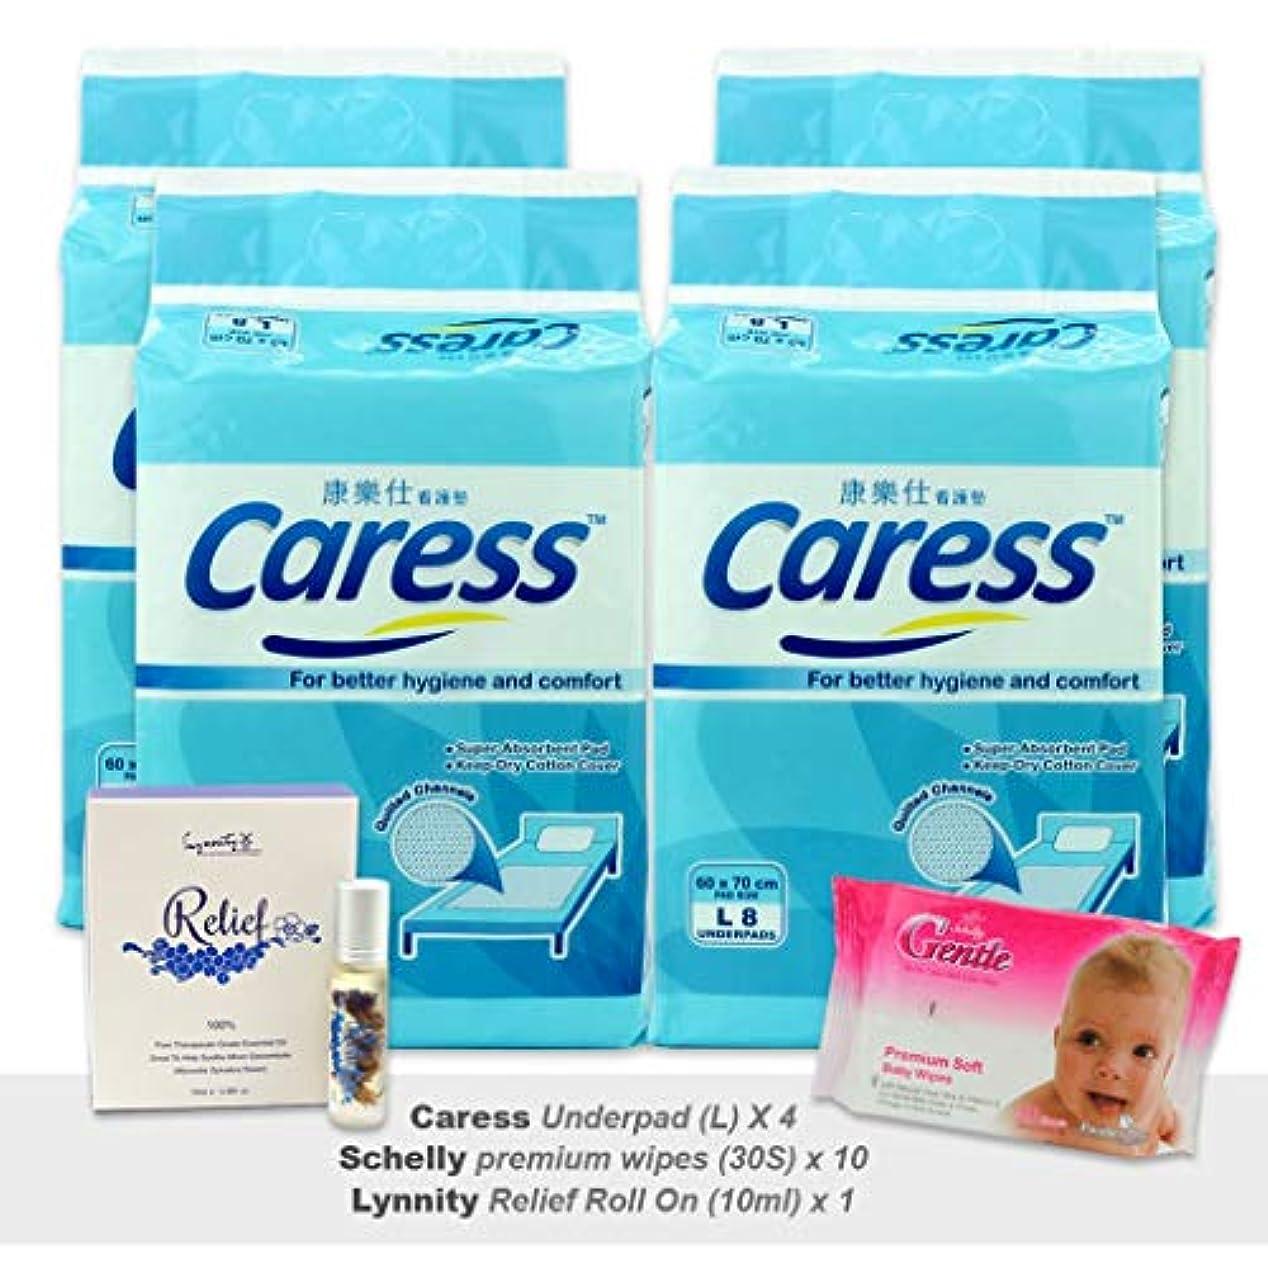 有罪パス名声Caress Diapers 4×スーパープロテクトアンダーパッドサイズl愛撫+ freeエッセンシャルオイルロールオンと10×プレミアムジェントルソフトワイプ(30代)